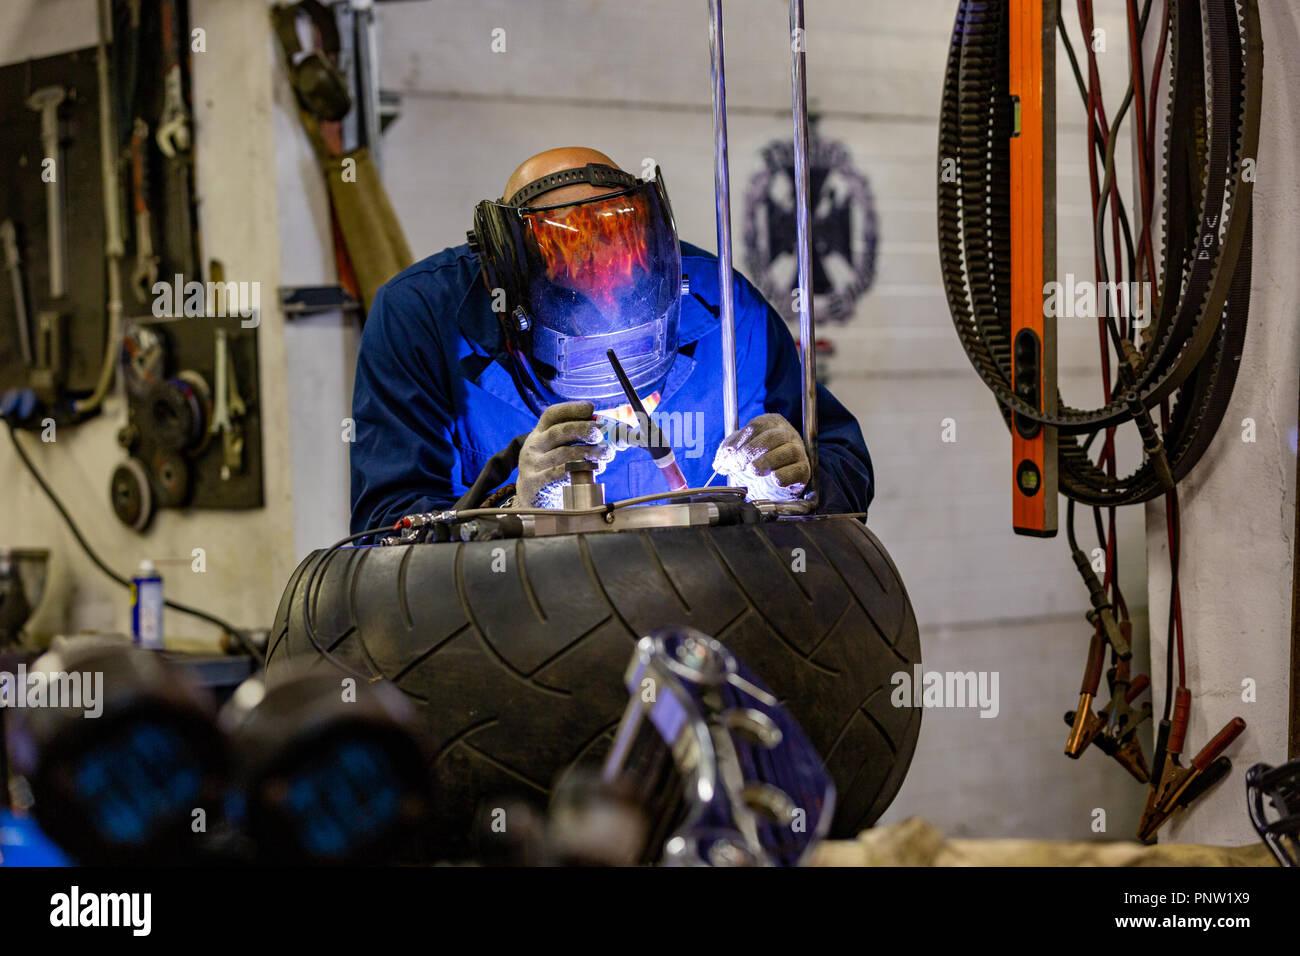 Auto professionali di lavoro meccanico in auto Servizi di riparazione su gas argon macchina di taglio Immagini Stock